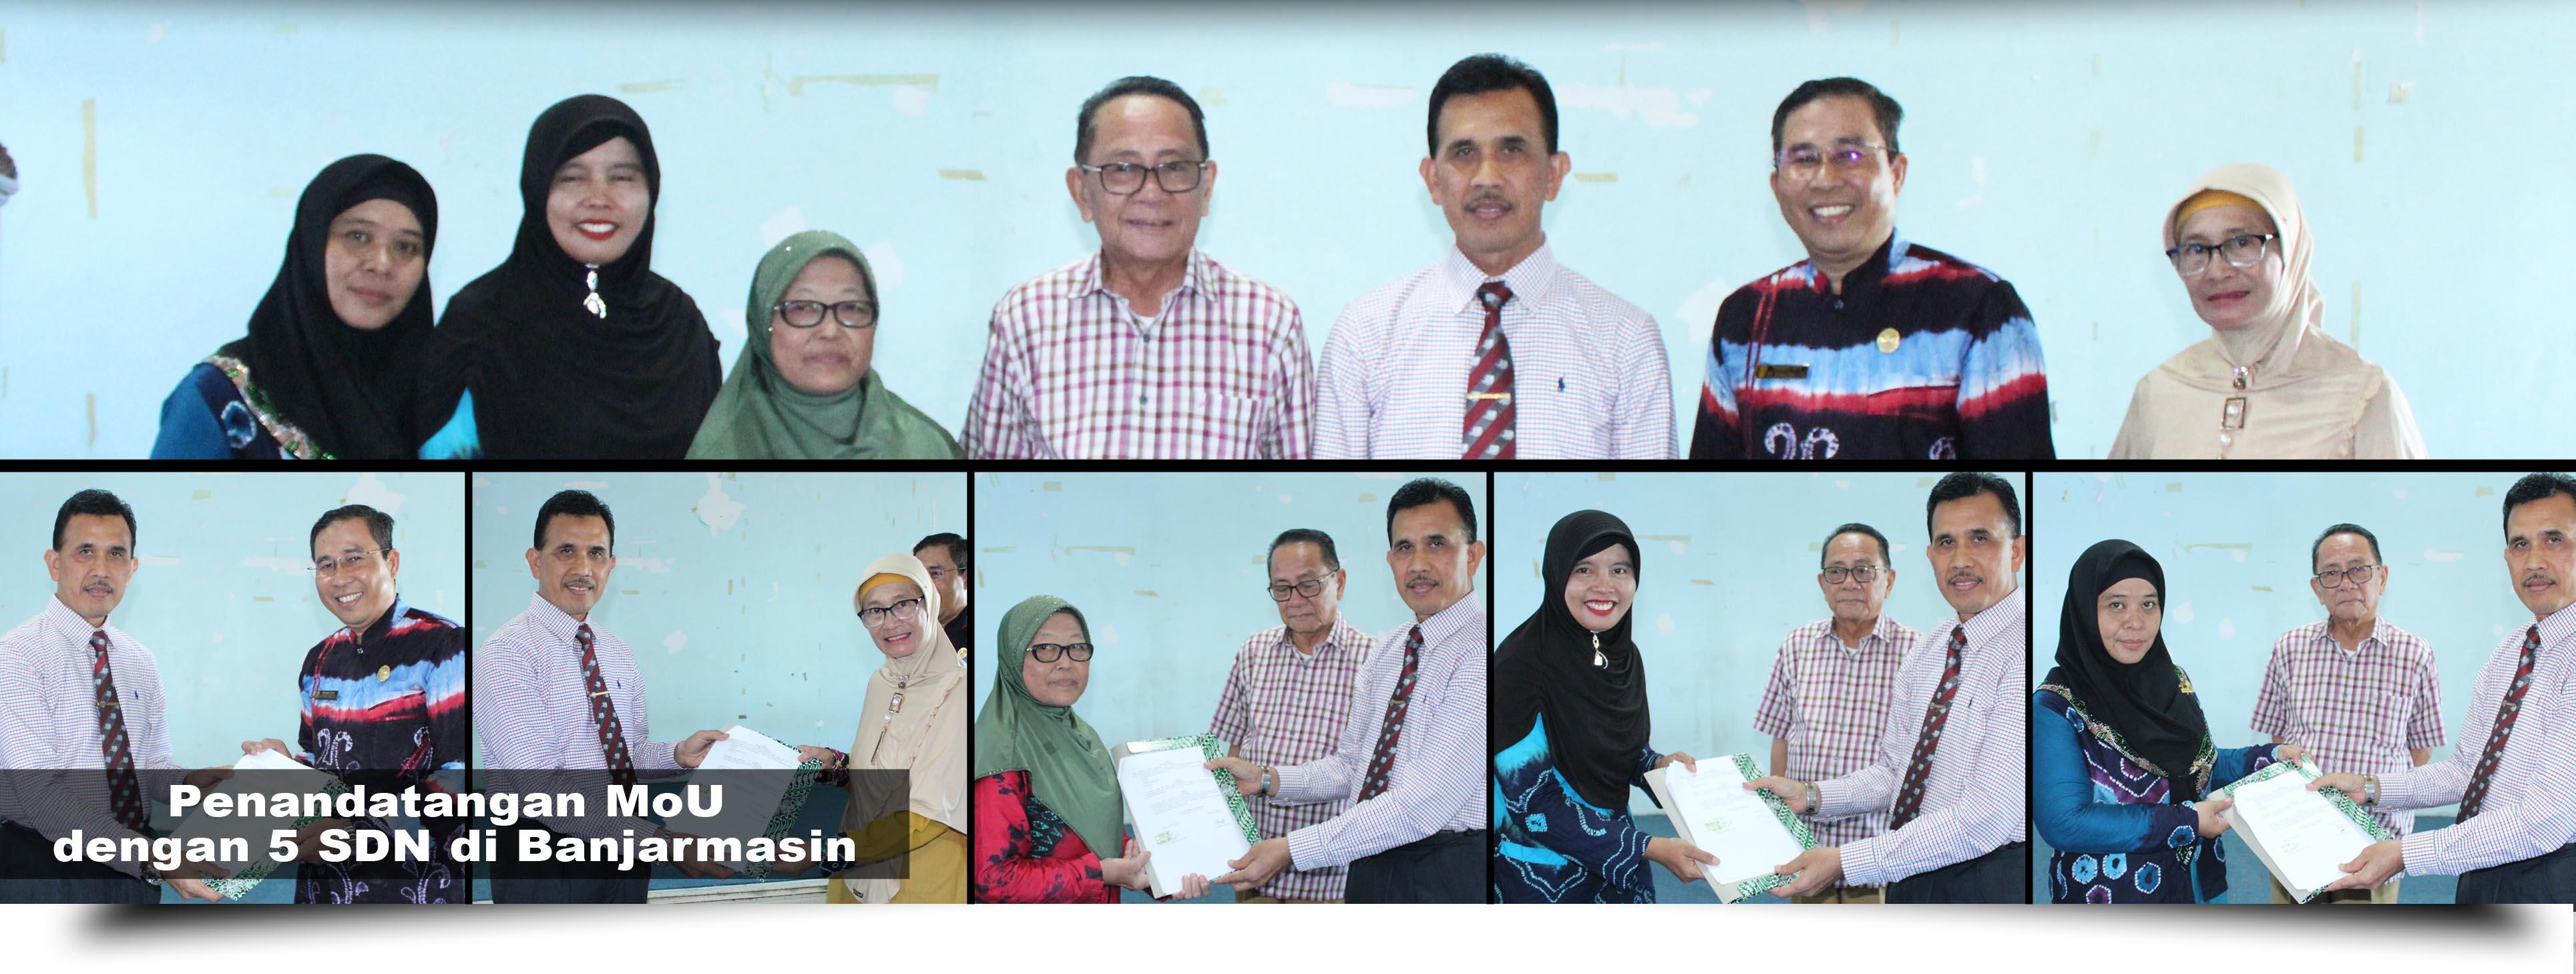 Penandatanganan MoU Antara STKIP PGRI Banjarmasin dengan 5 Sekolah Dasar di Banjarmasin